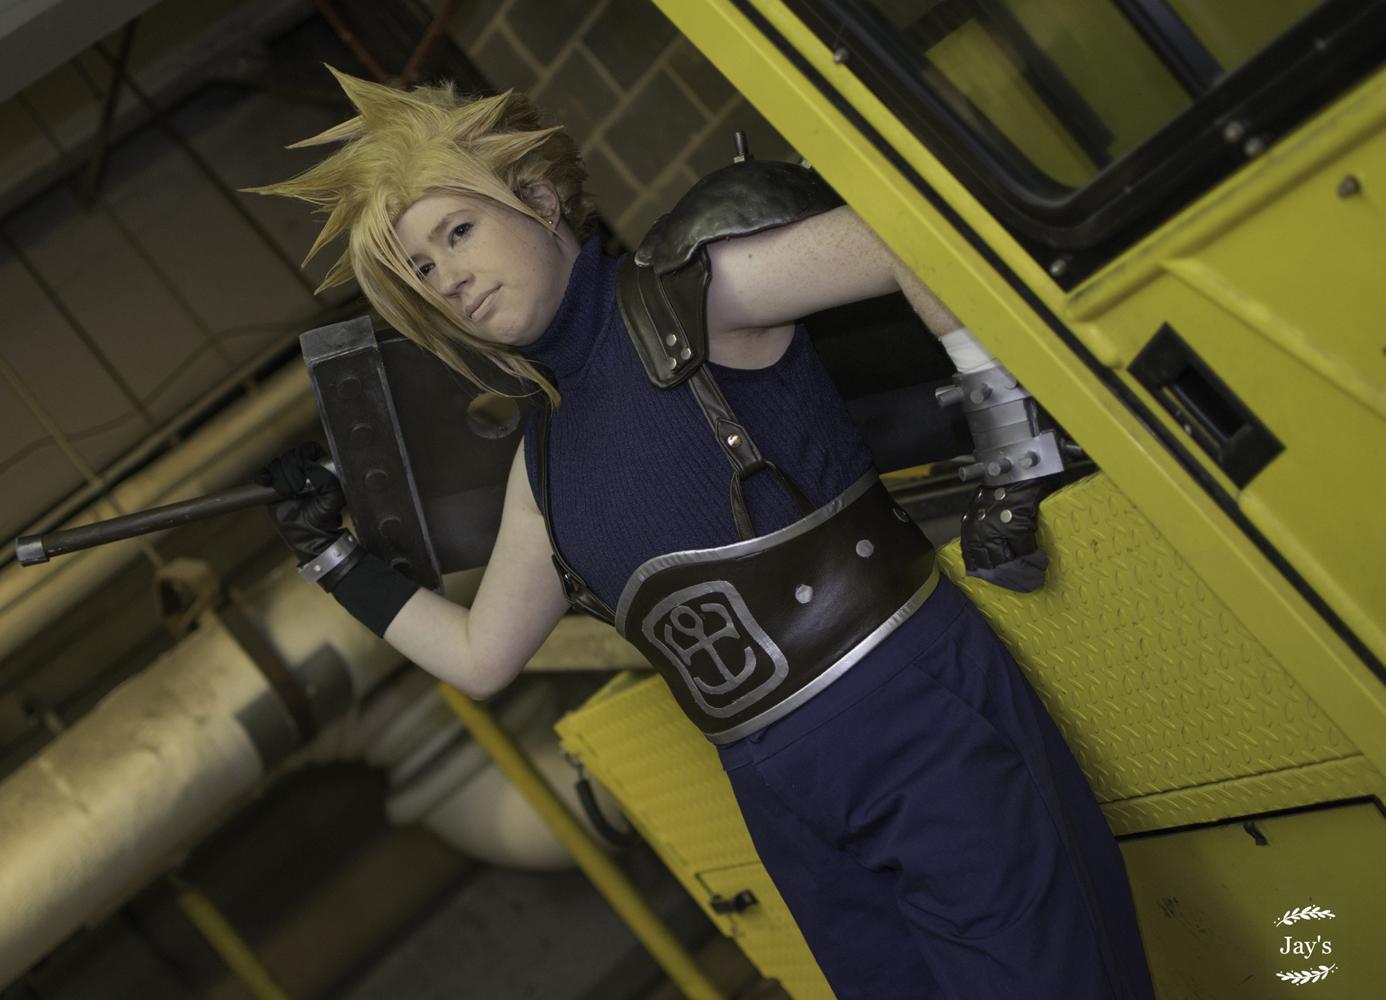 Lại một bản cosplay Cloud Strife đầy bản lĩnh bên thanh kiếm của mình - Hình 8